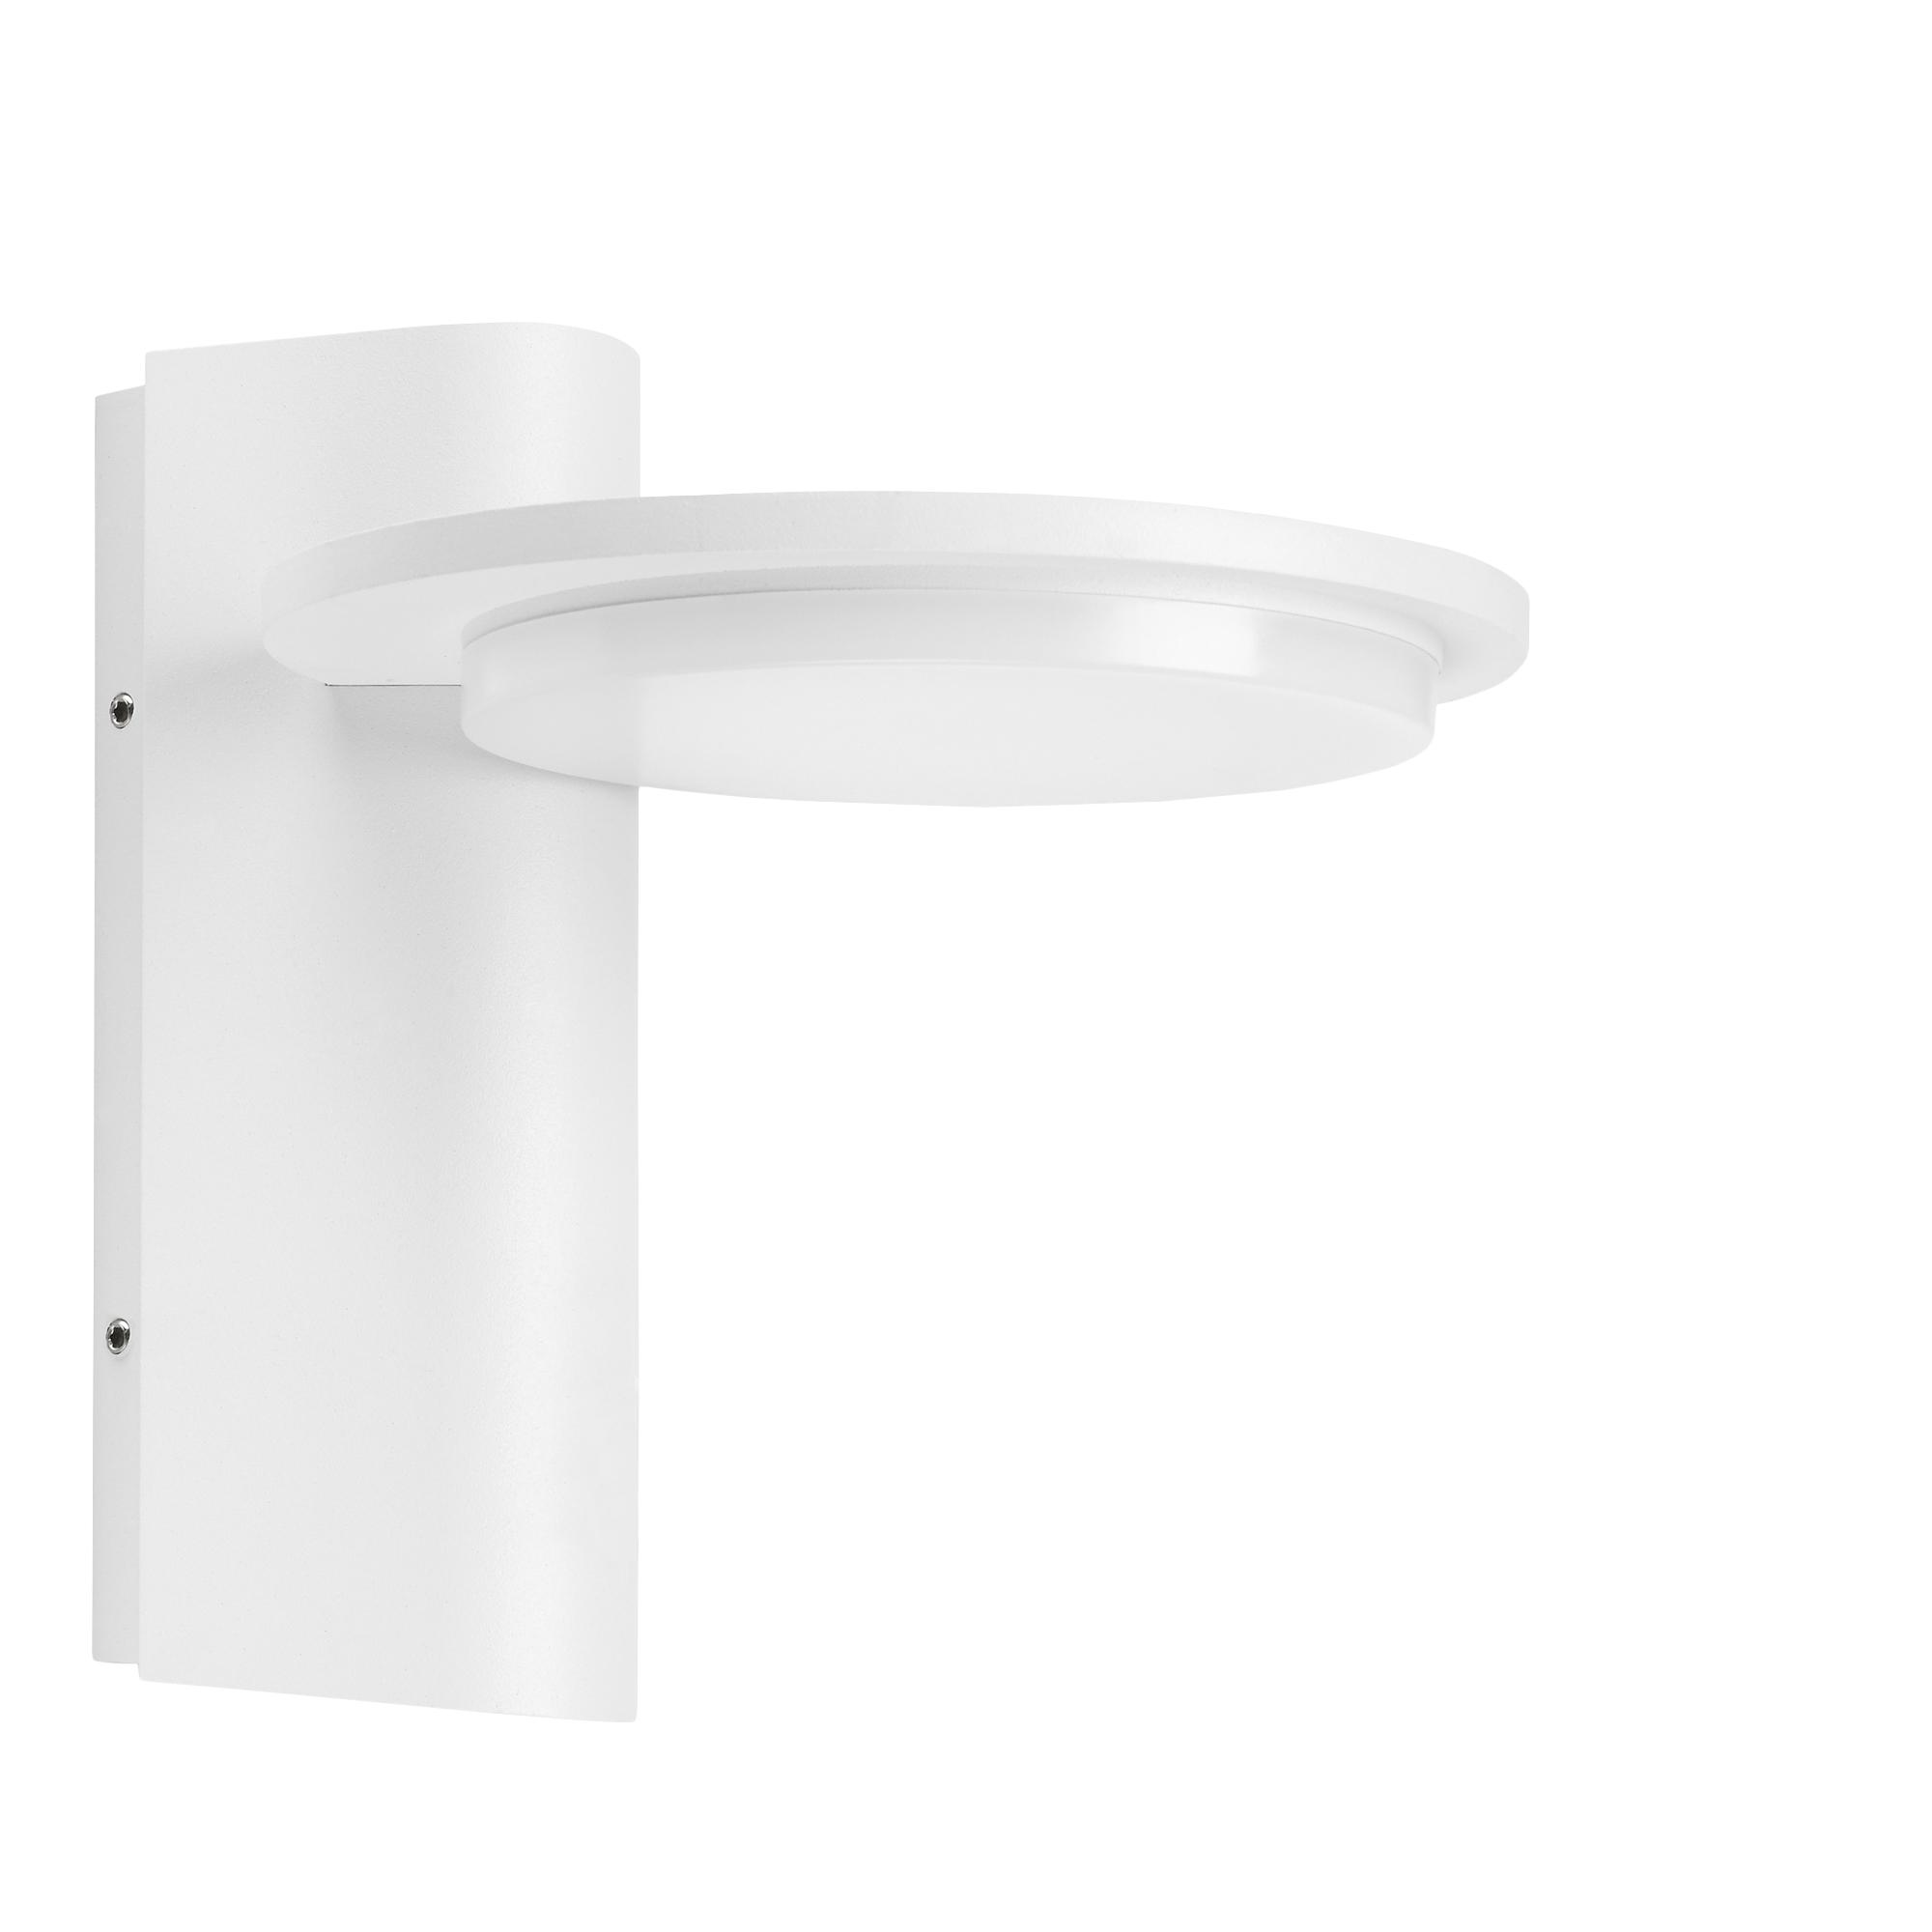 TELEFUNKEN LED Außenwandleuchte, 18 cm, 10 W, Weiß